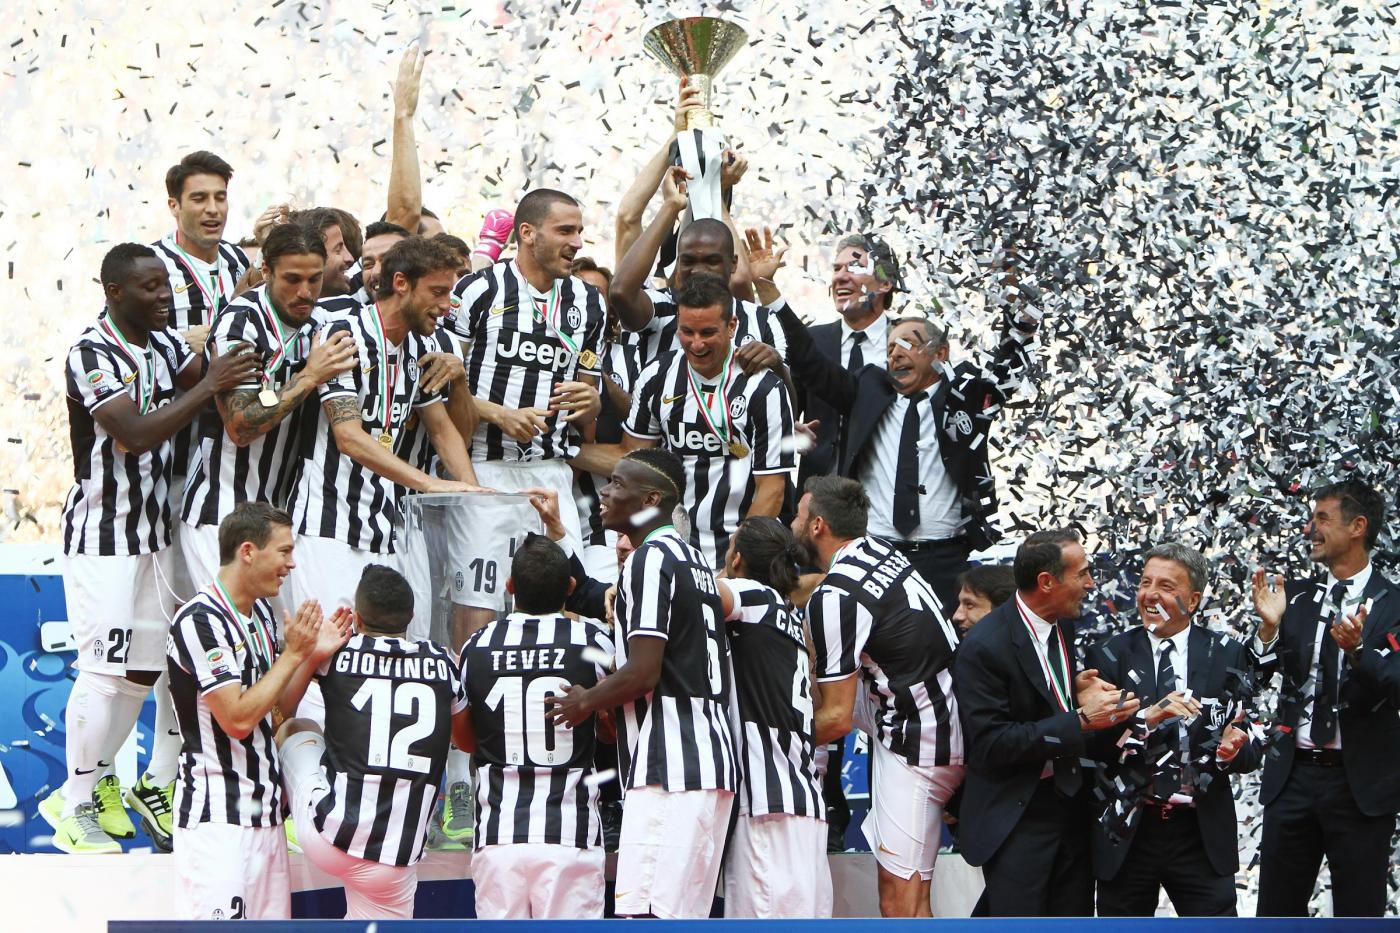 Calendario Juventus 2014/2015: tutte le partite di campionato dei bianconeri